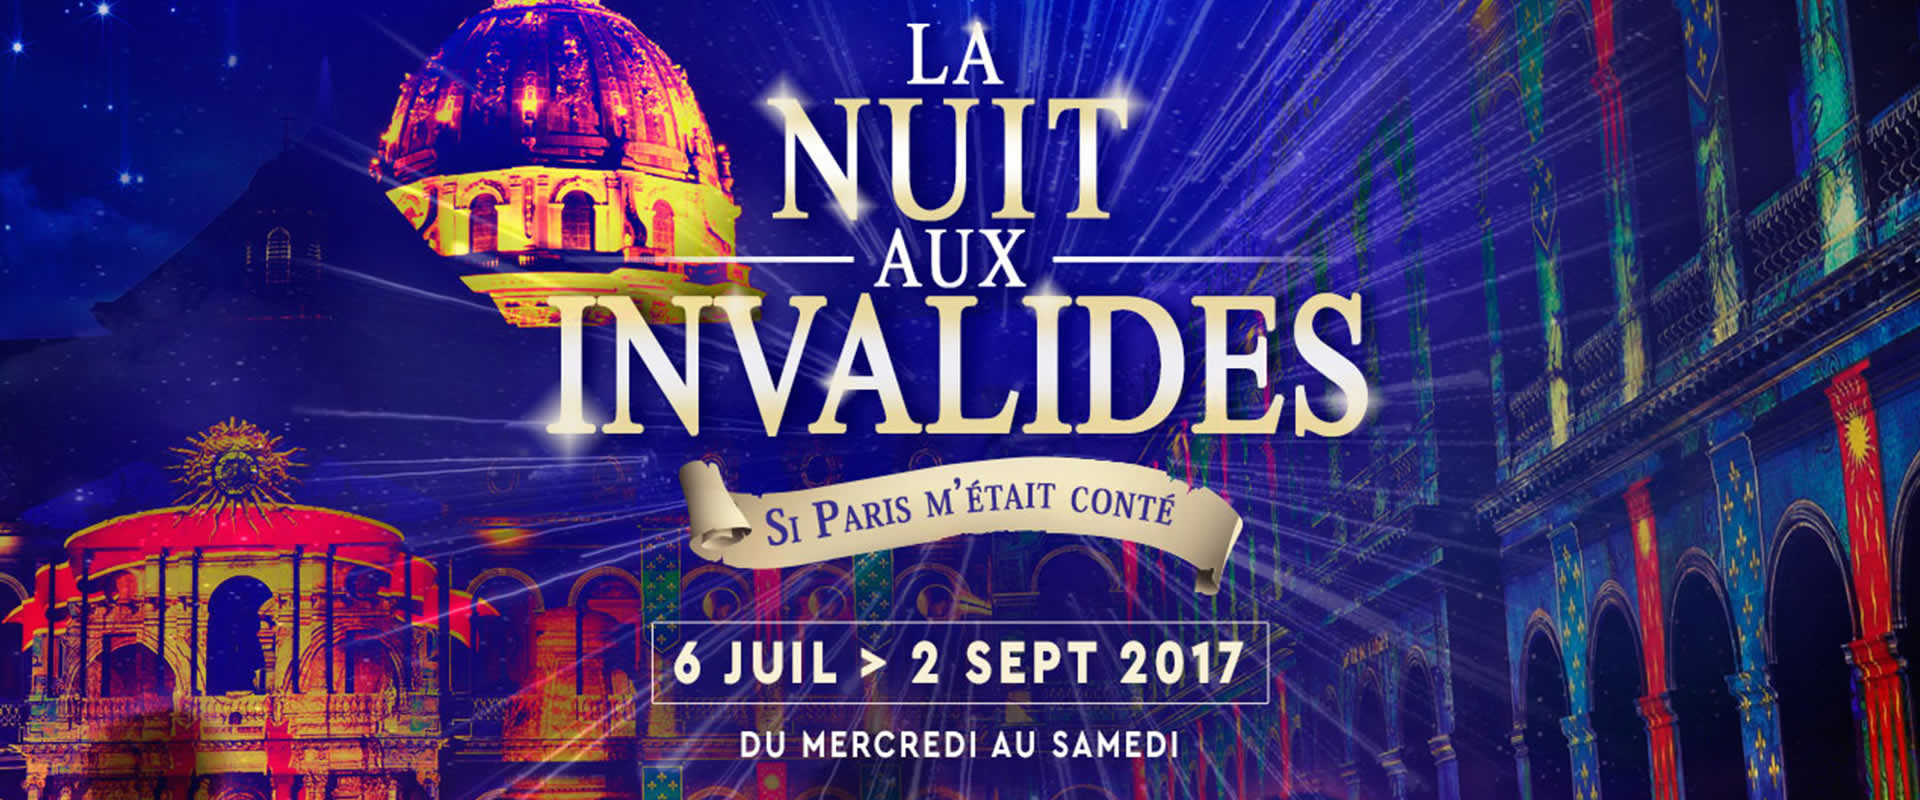 Visuel NOVELTY & LA NUIT AUX INVALIDES avec AMACLIO PRODUCTIONS